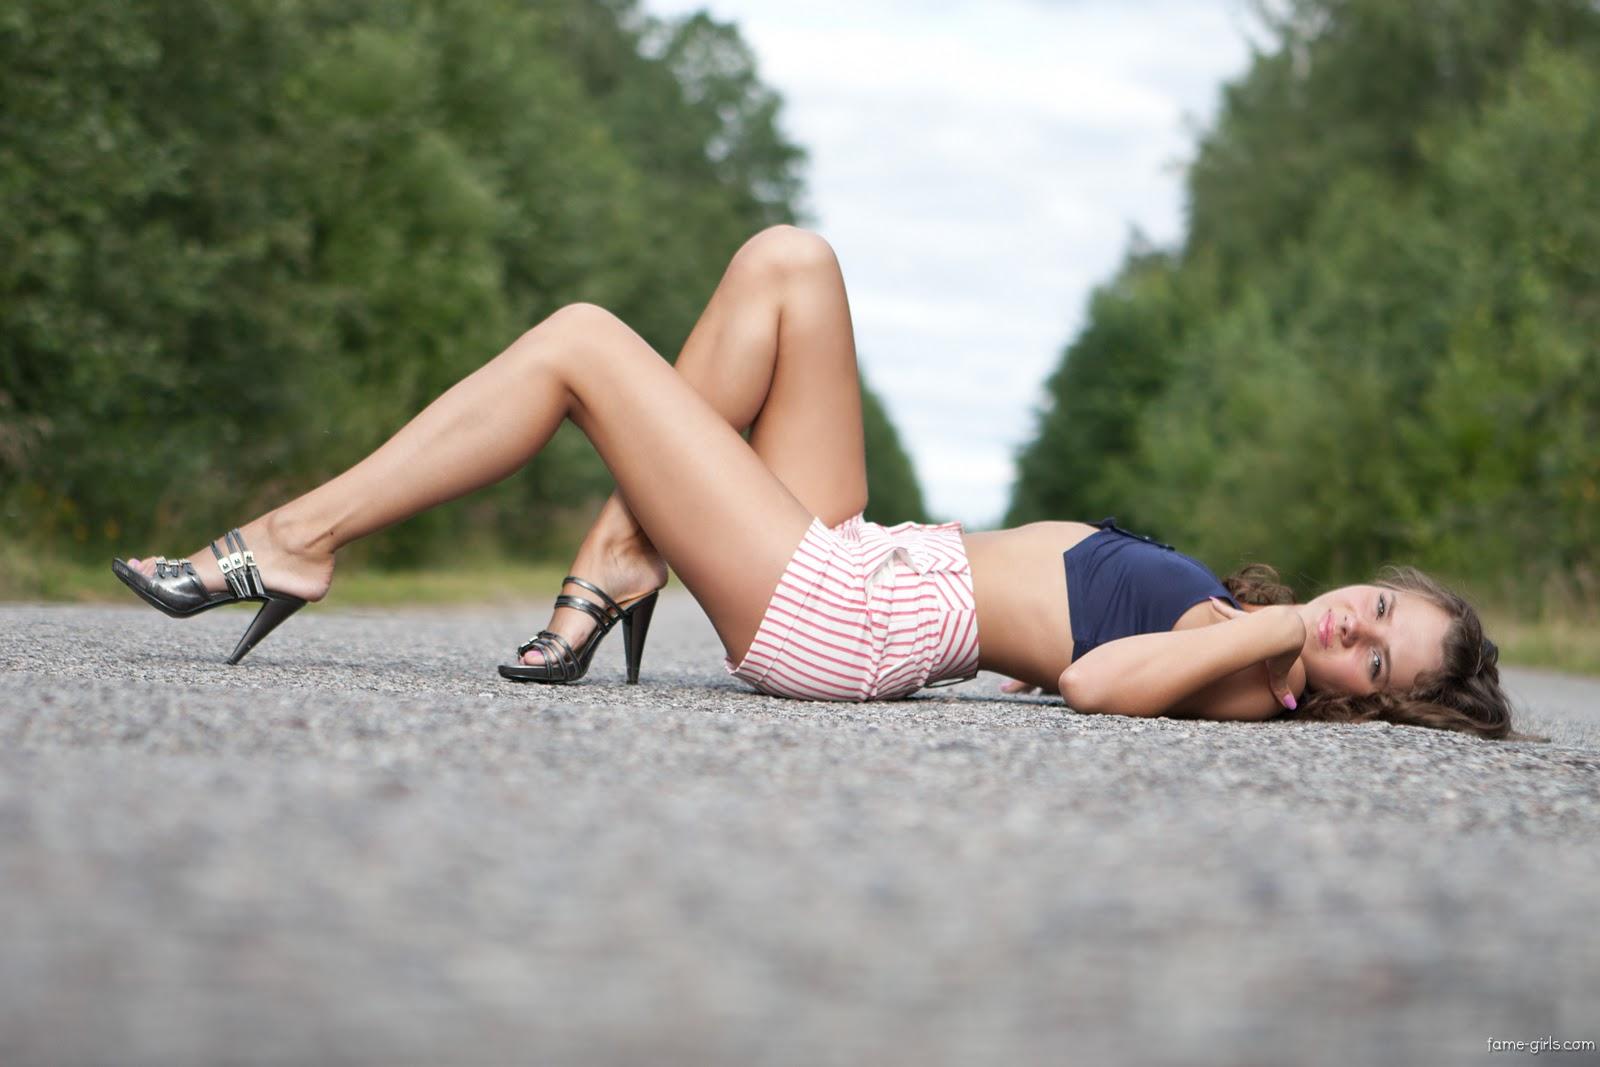 No Nude Models: Fame-Girls - fg-san143: ninfabi.blogspot.hk/2011/12/sandra-fg.html